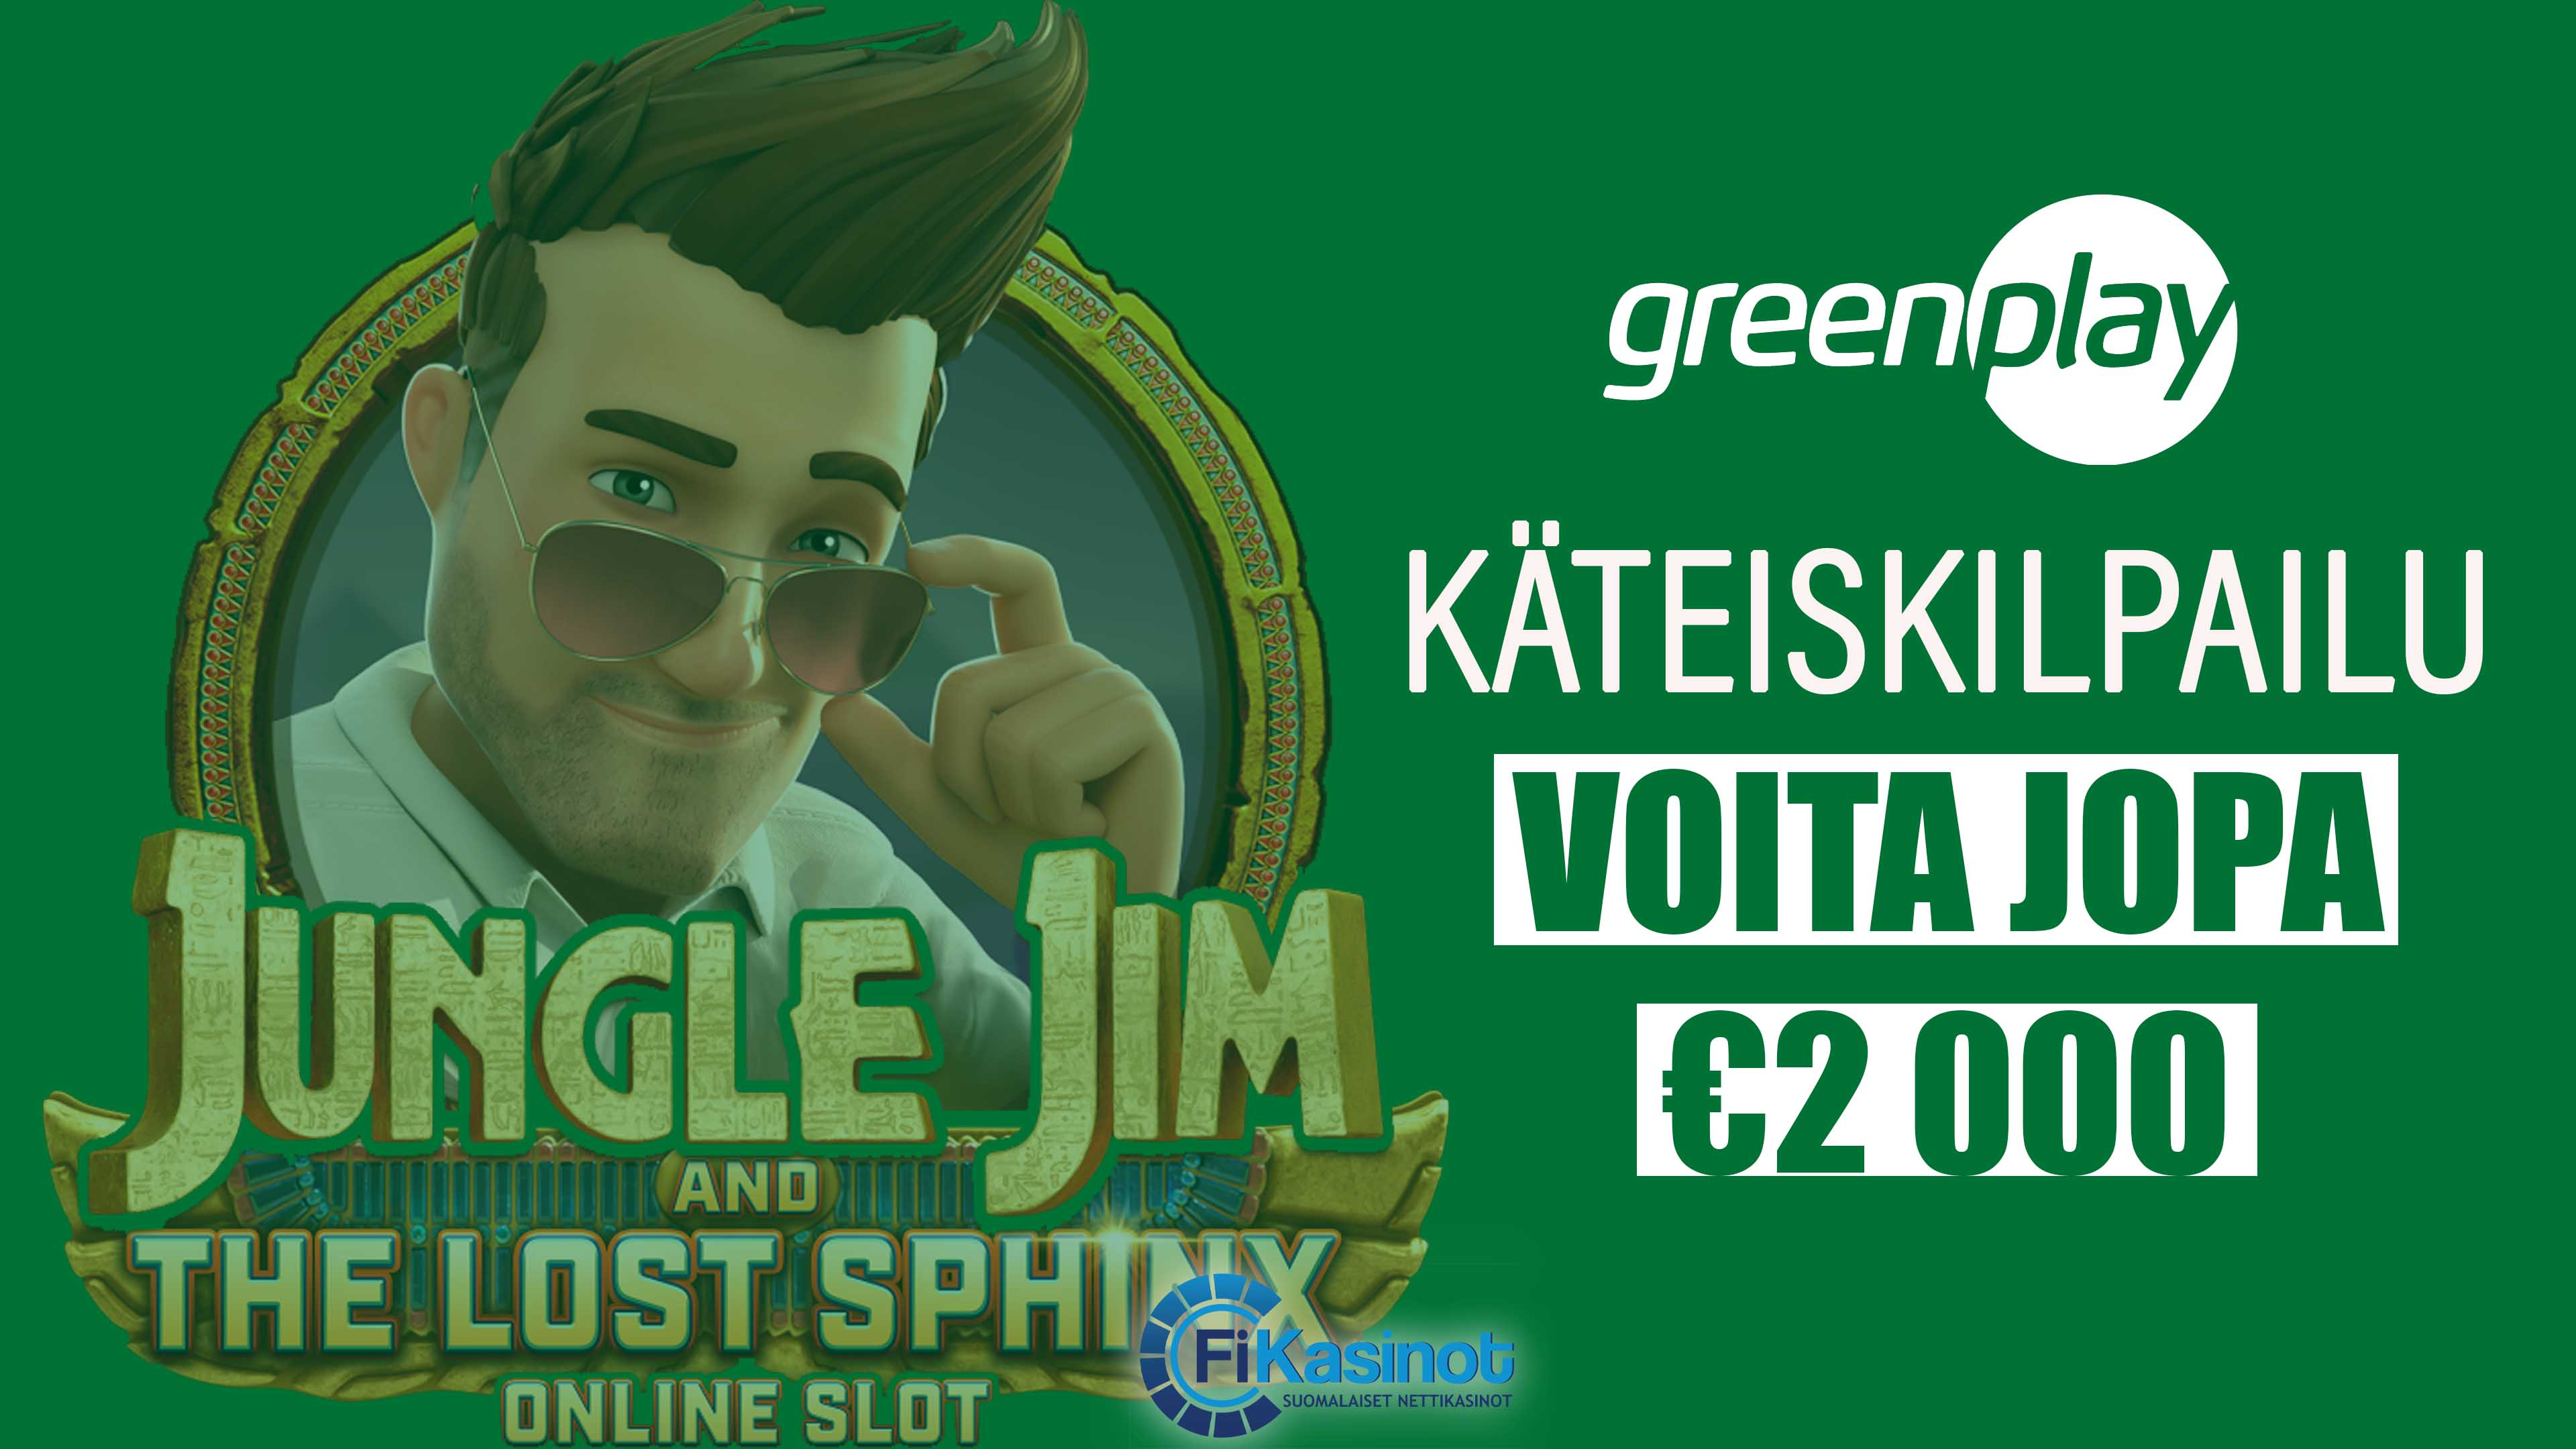 GreenPlay Casinon käteiskilpailu 21.-26.11.